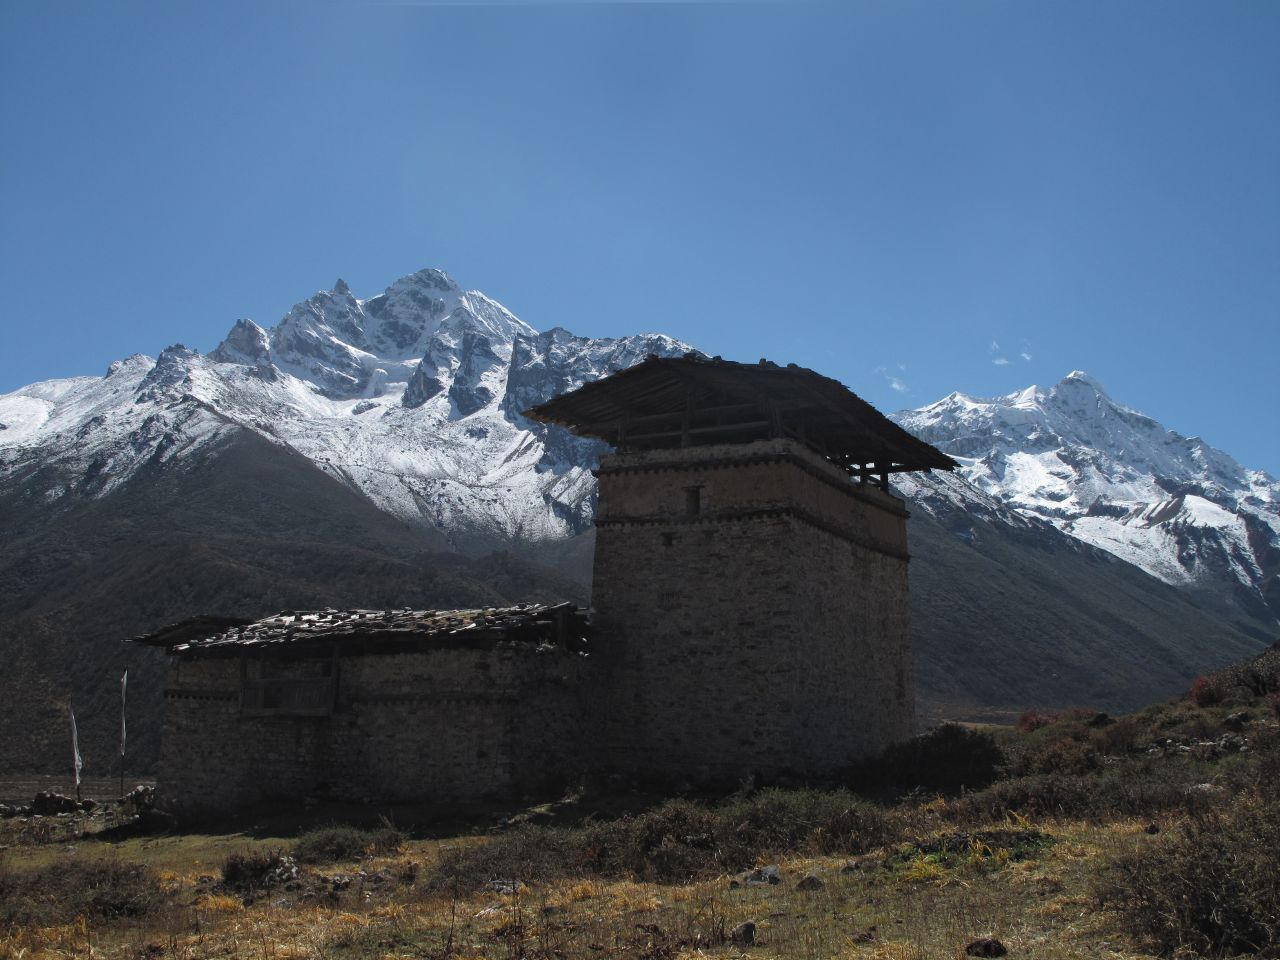 2009-10-19 (28)  Lunana (Pho Chhu) Valley. Chozo Dzong